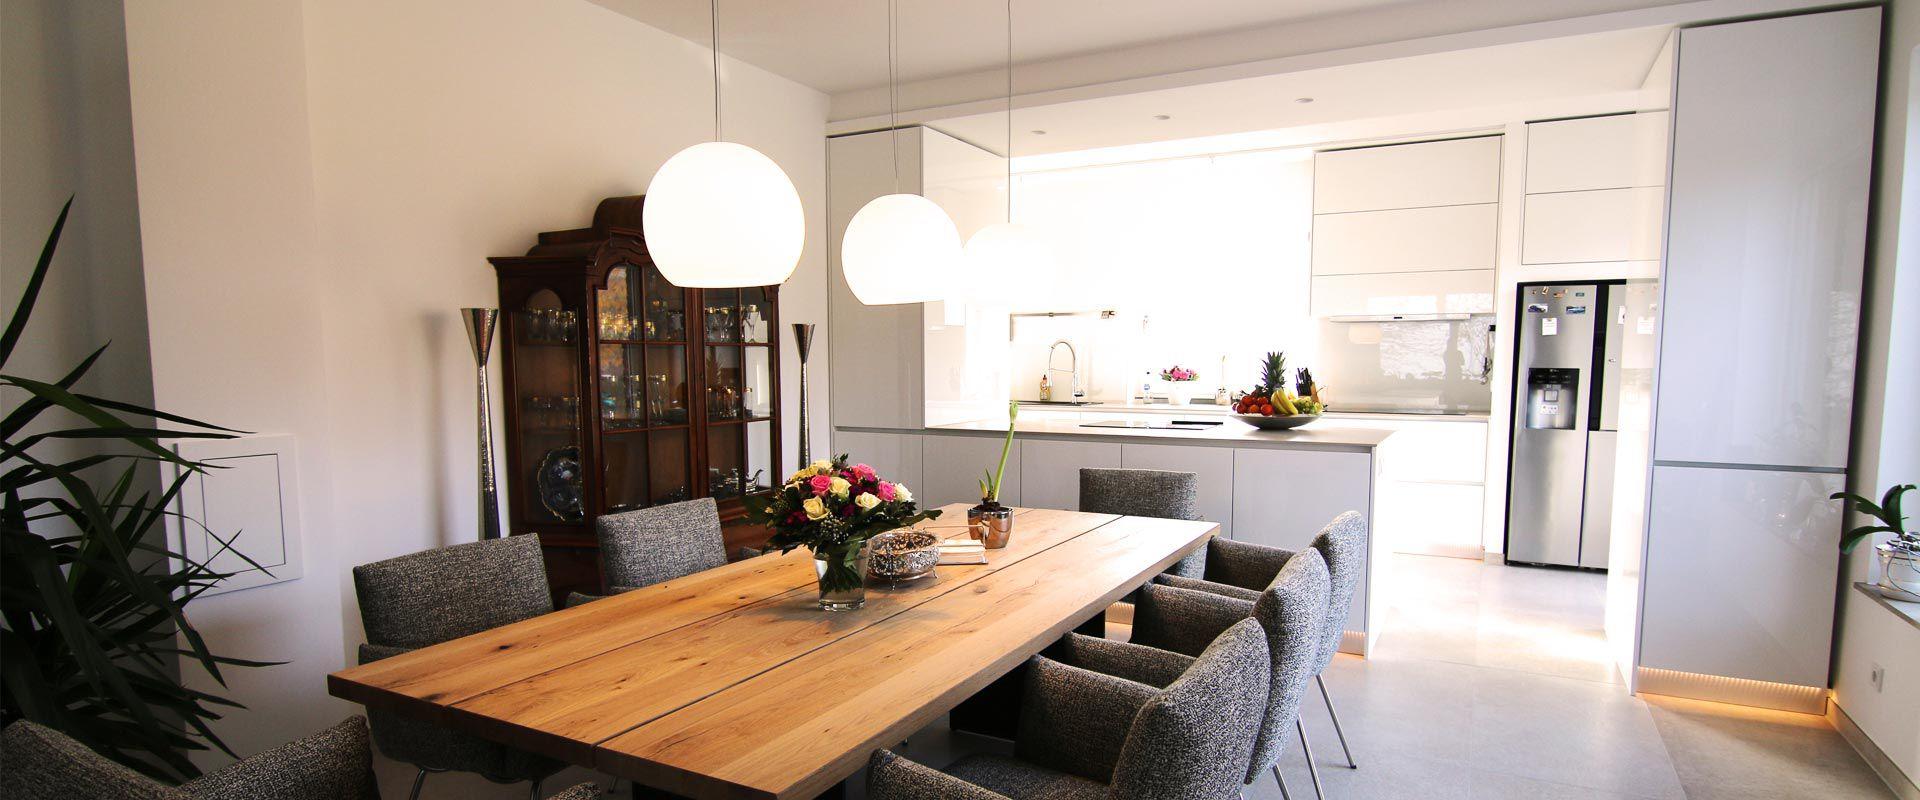 Küchen kaufen bei Stefan Bolte Küchenstudio in Rheda-Wiedenbrück